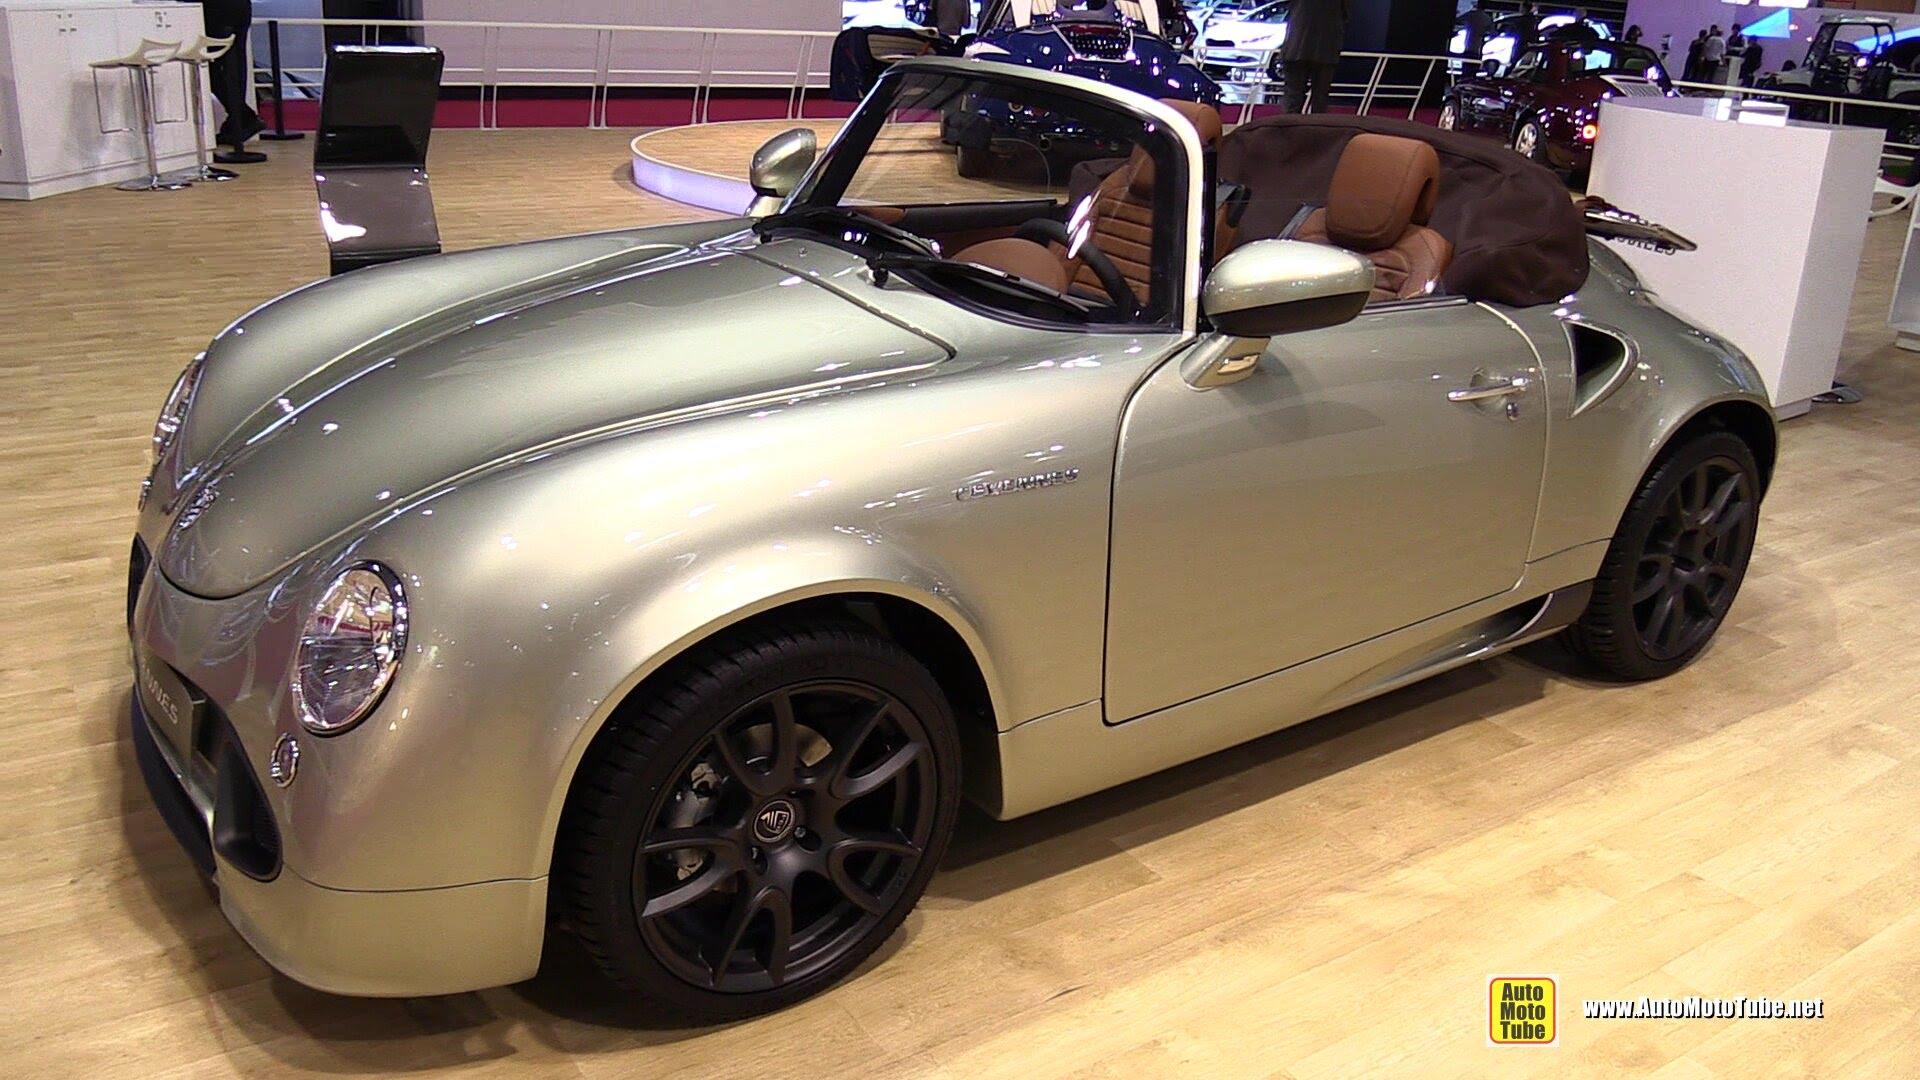 PGO Cevennes 2005 - now Cabriolet #8